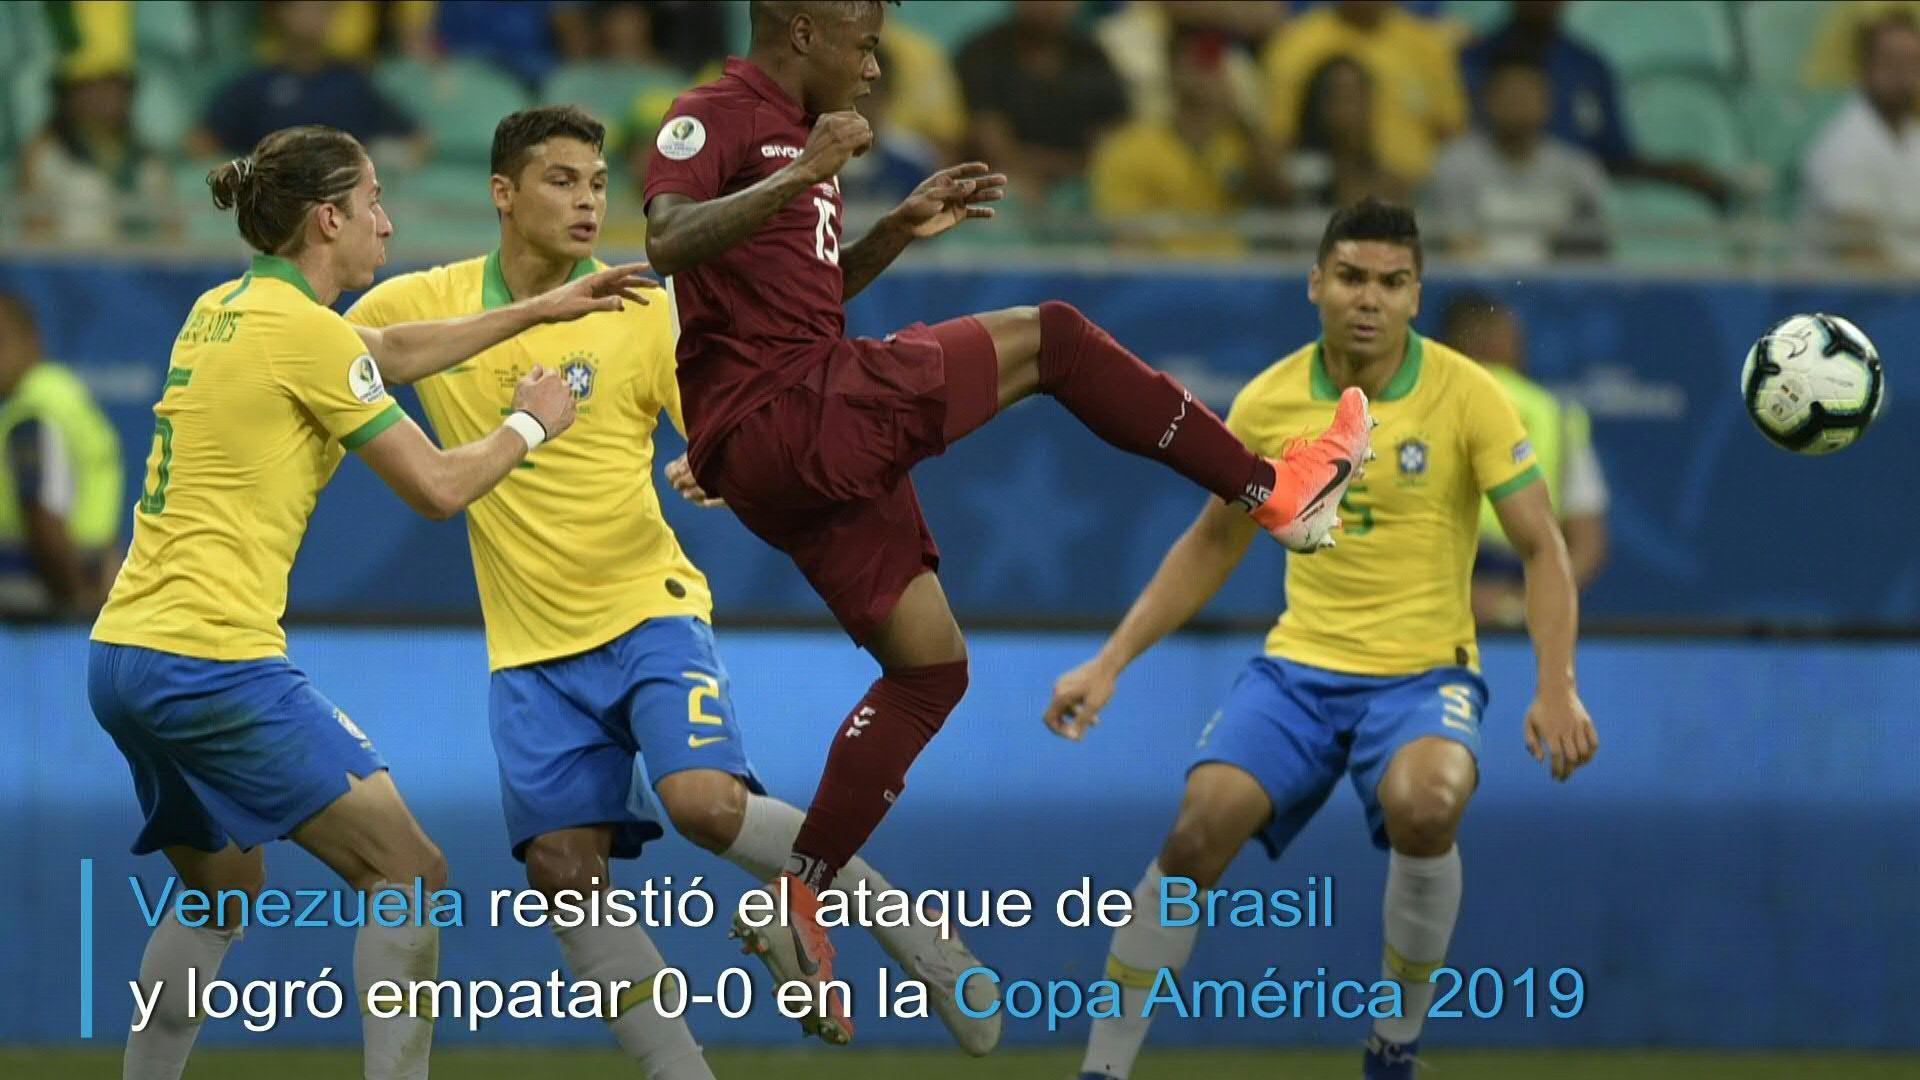 Venezuela y el VAR frenan al favorito Brasil